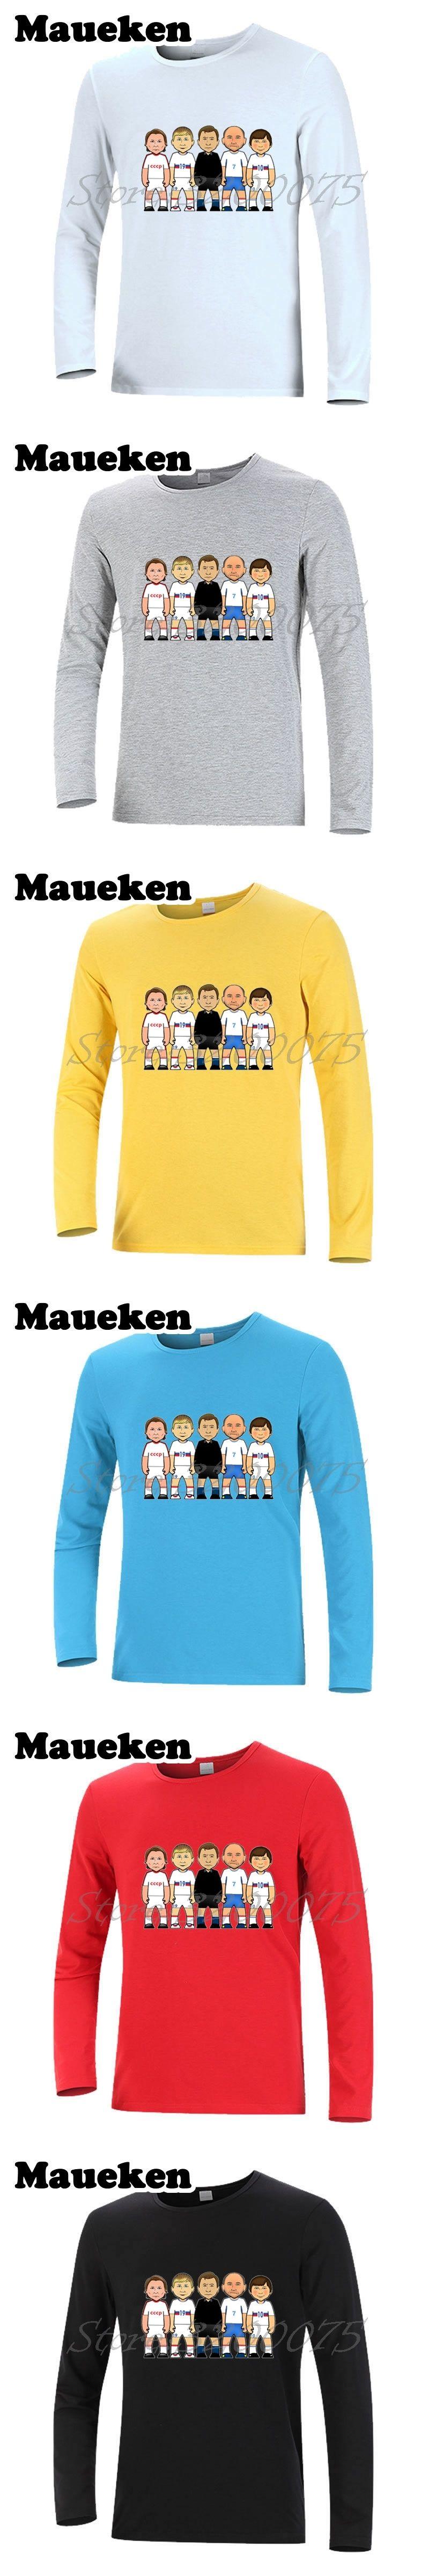 8343d171cdd Men s Long Sleeve T-Shirt russia legends Andrei Arshavin Lev Yashin Oleg  Blokhin W17080610